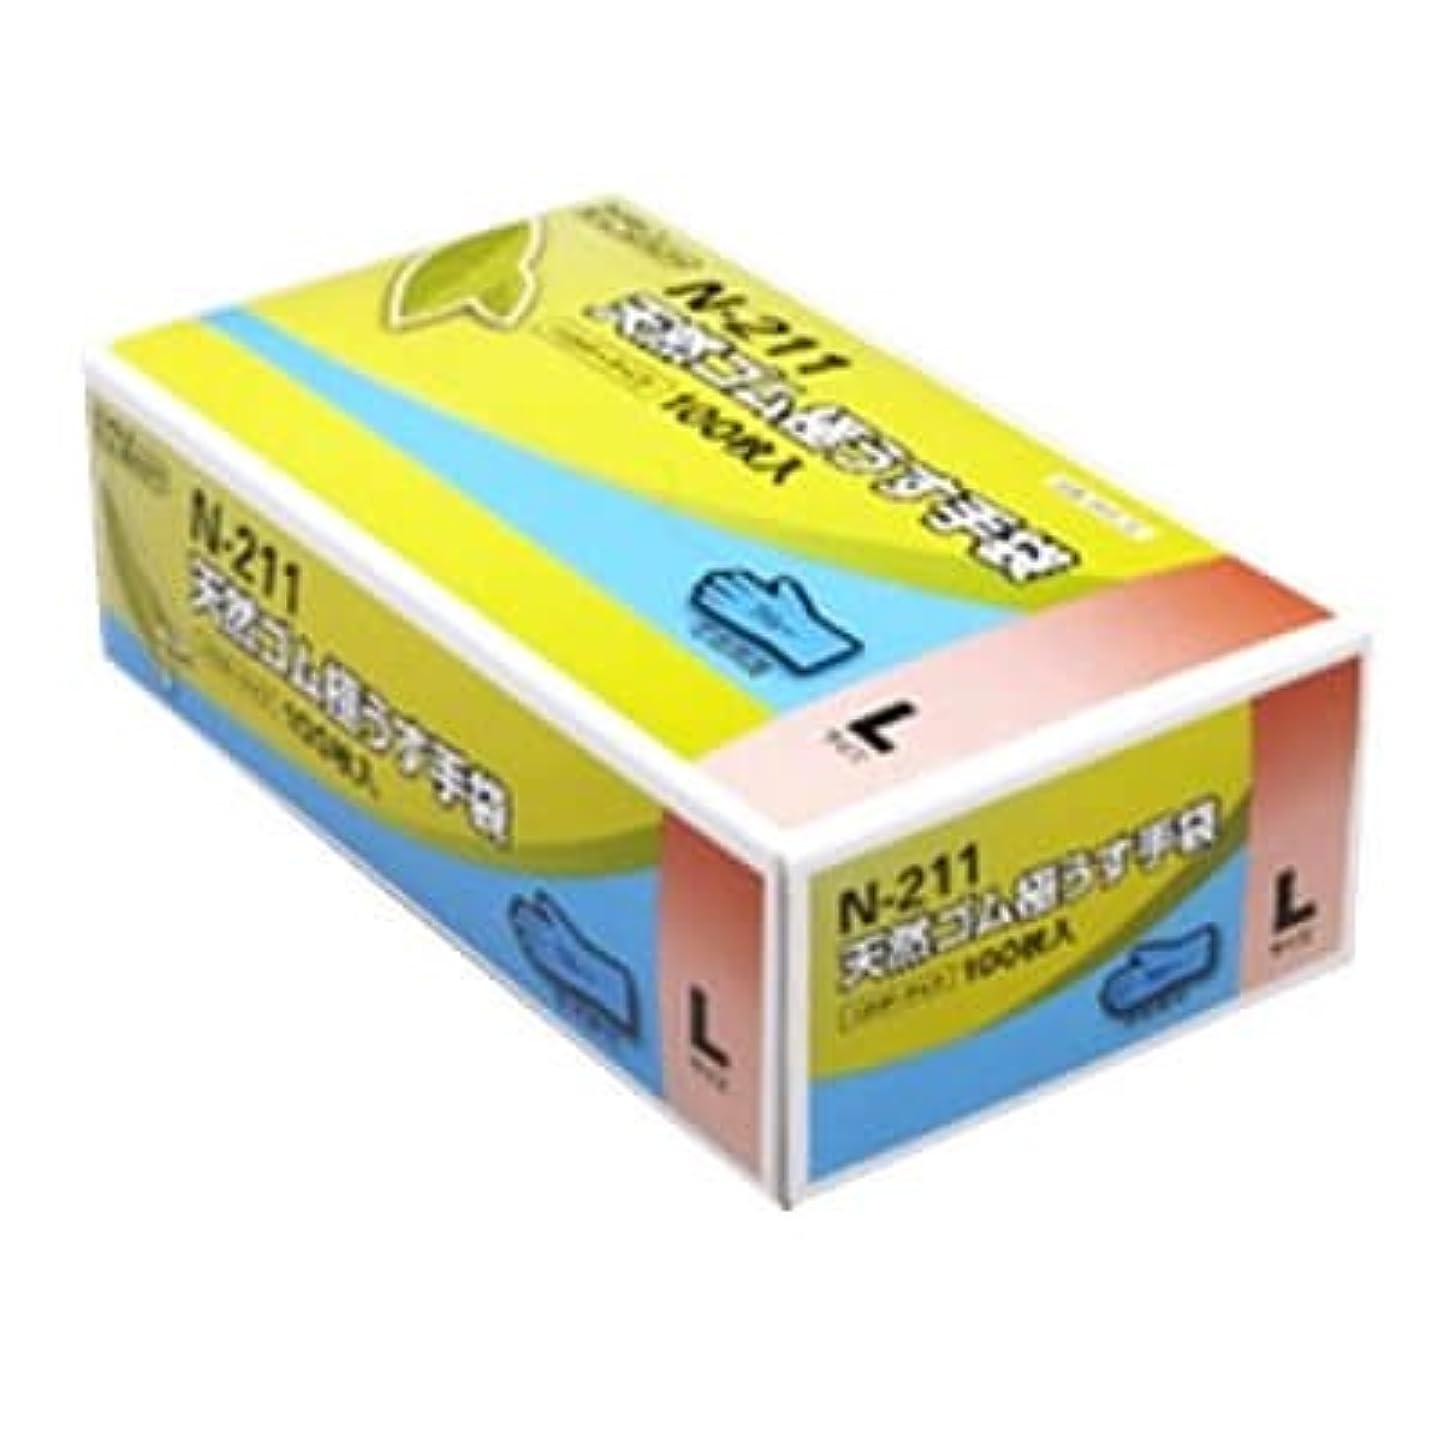 些細な小切手調査【ケース販売】 ダンロップ 天然ゴム極うす手袋 N-211 L ブルー (100枚入×20箱)